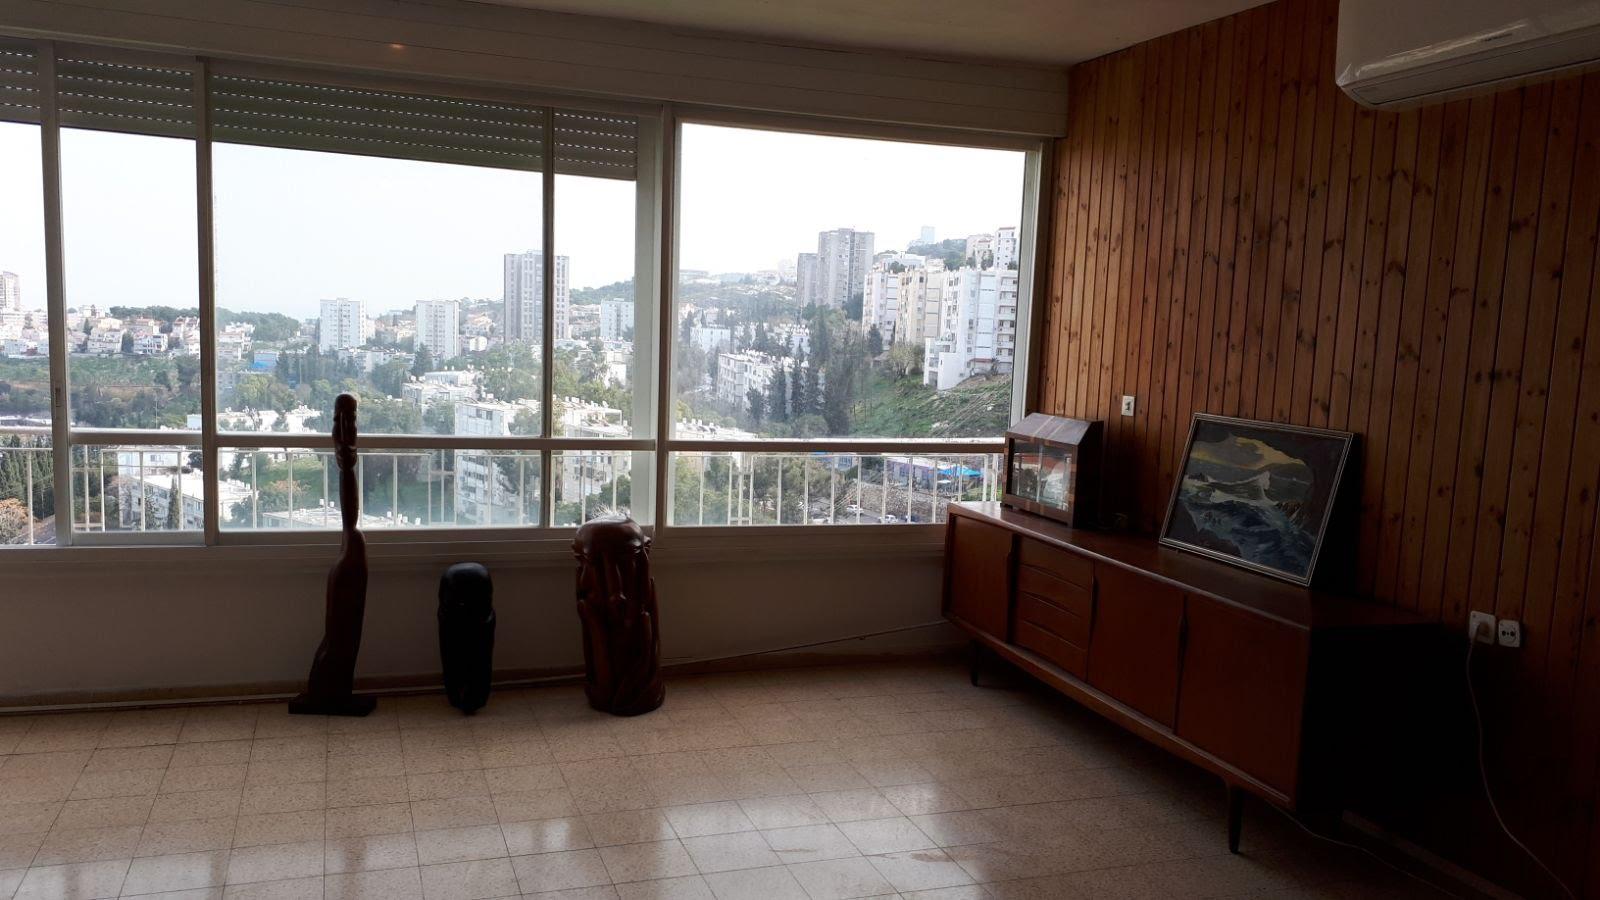 דירה למכירה אחוזה חיפה דישראלי 40 א – ללא תיווך 054-2490882